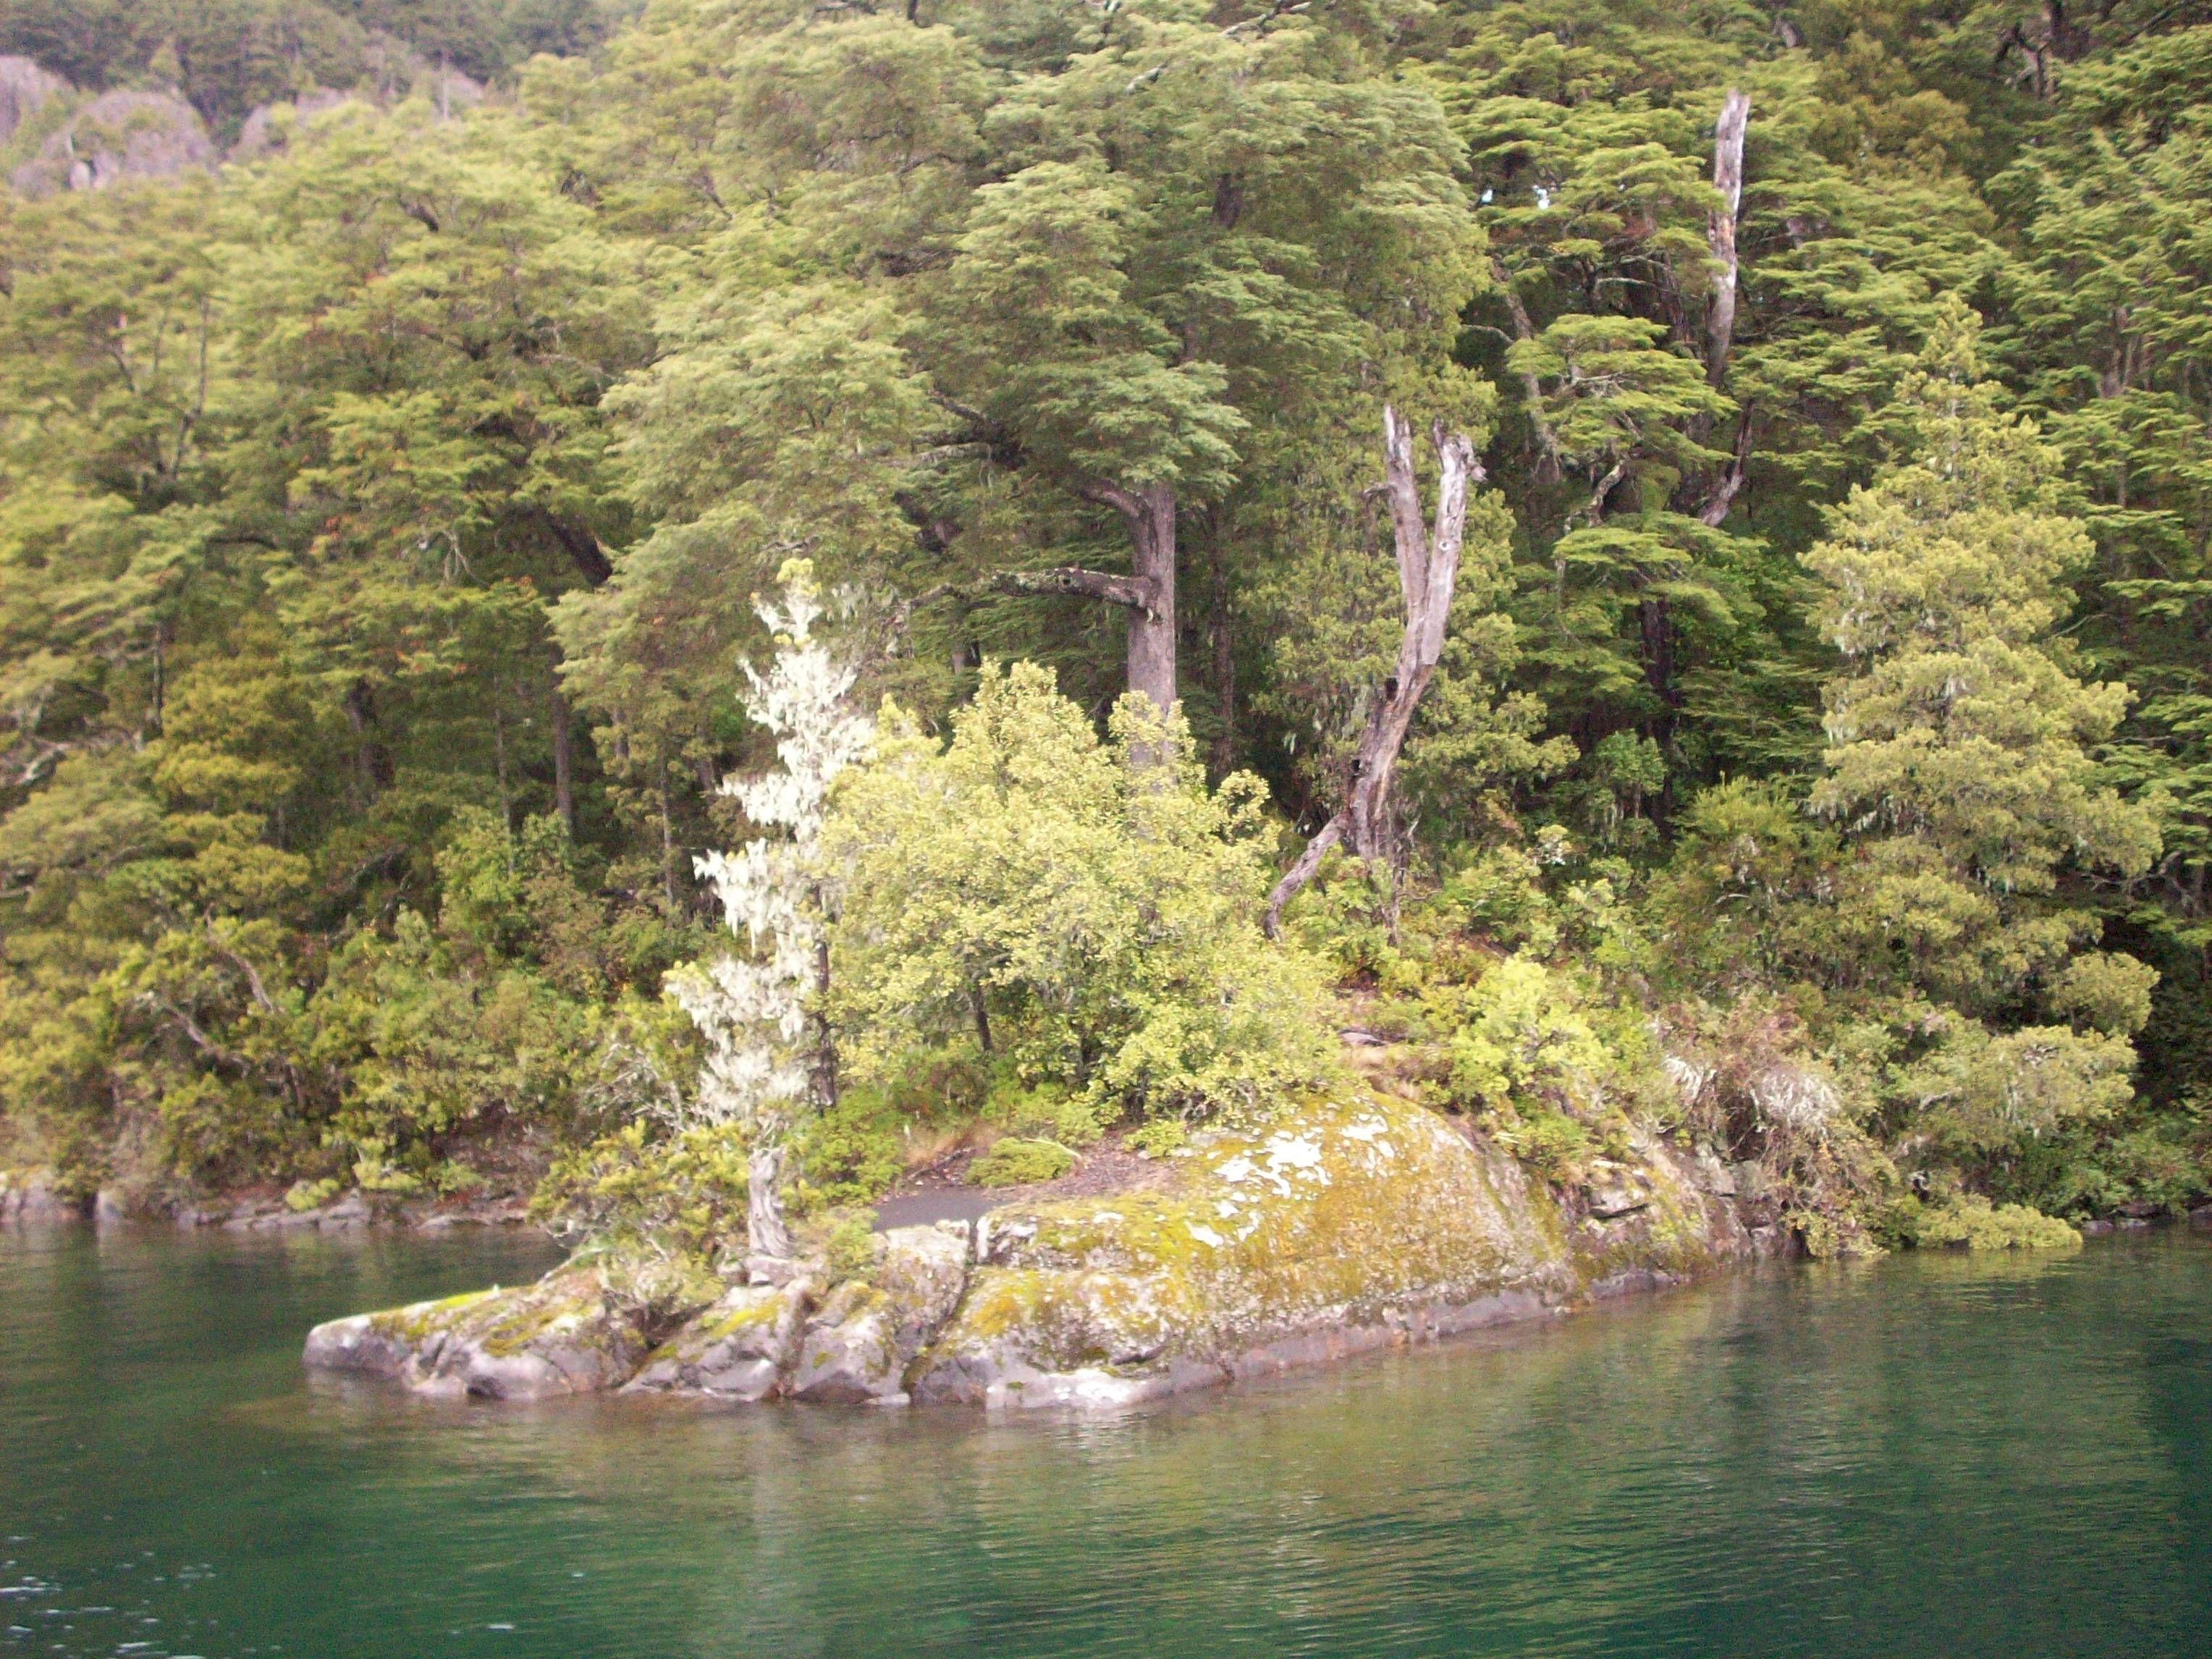 Lago Epulafquen Neuquén Argentina En Plena Cordillera De Los Andes Está Separado Del Lago Huechulafquen Del Cual Es Tributario Argentina Lagos Los Andes